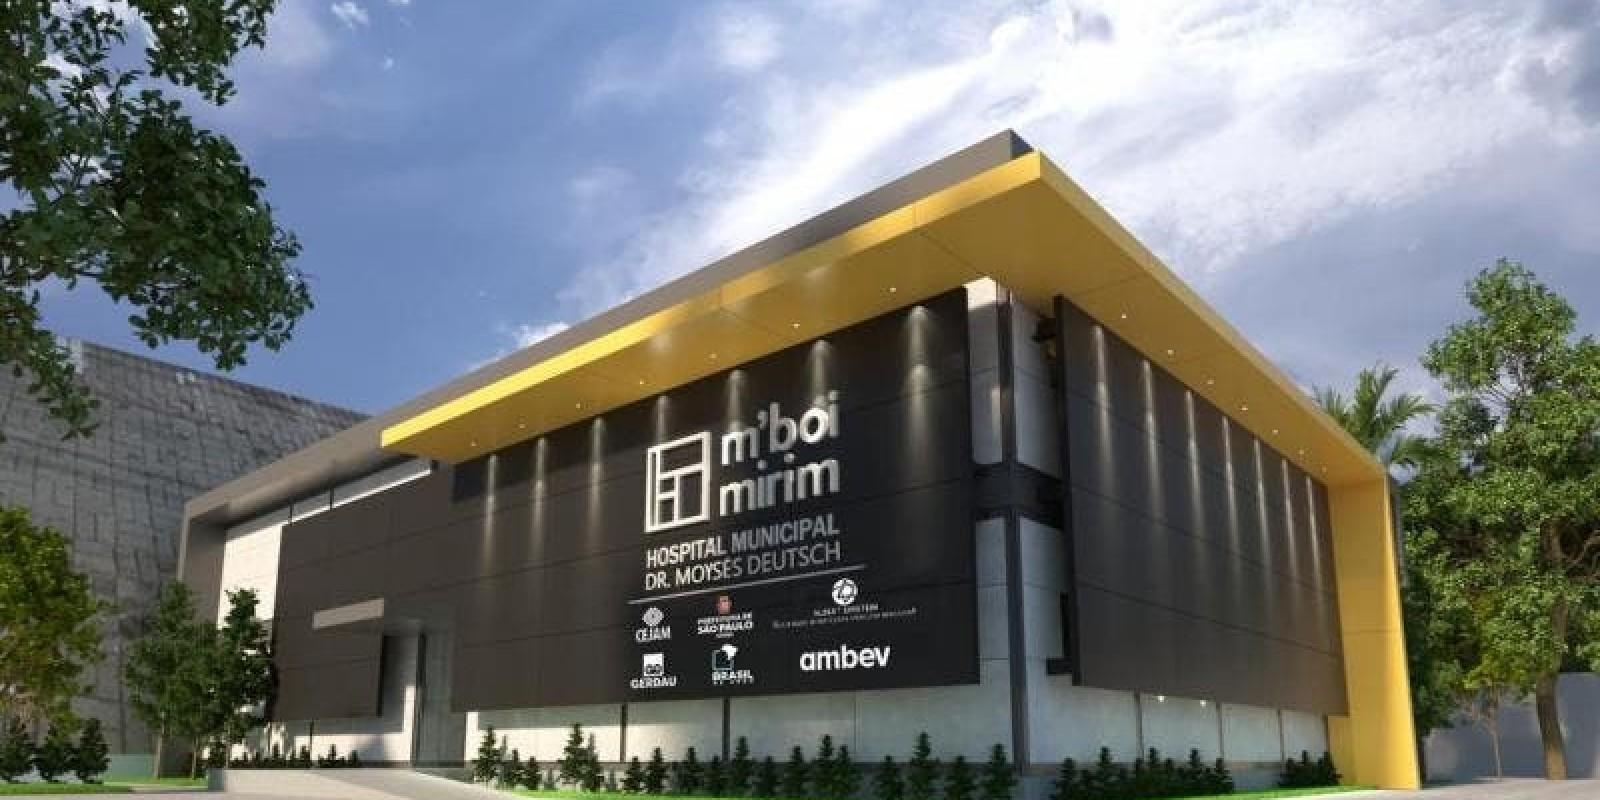 Prefeitura de São Paulo, Ambev, Gerdau e Einstein unem forças para construir hospital público em 40 dias